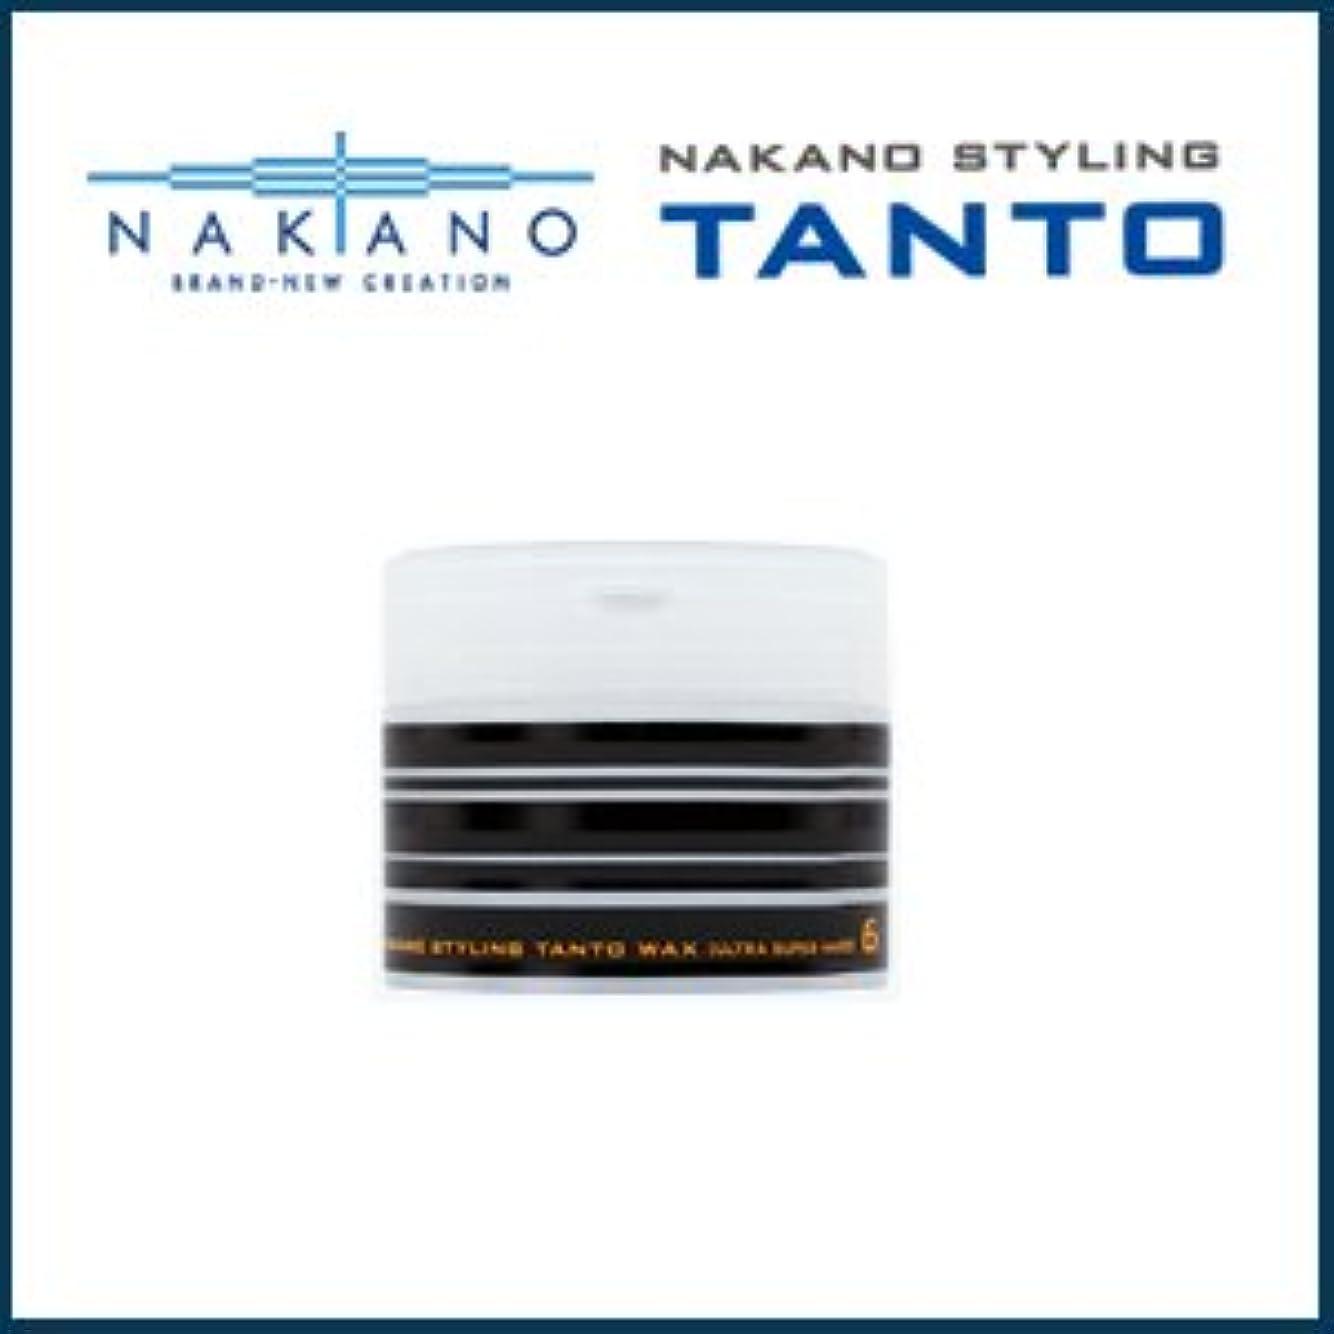 新しさ着る時々時々【X5個セット】 ナカノ タント Nワックス 6 ウルトラスーパーハード 90g 容器入り